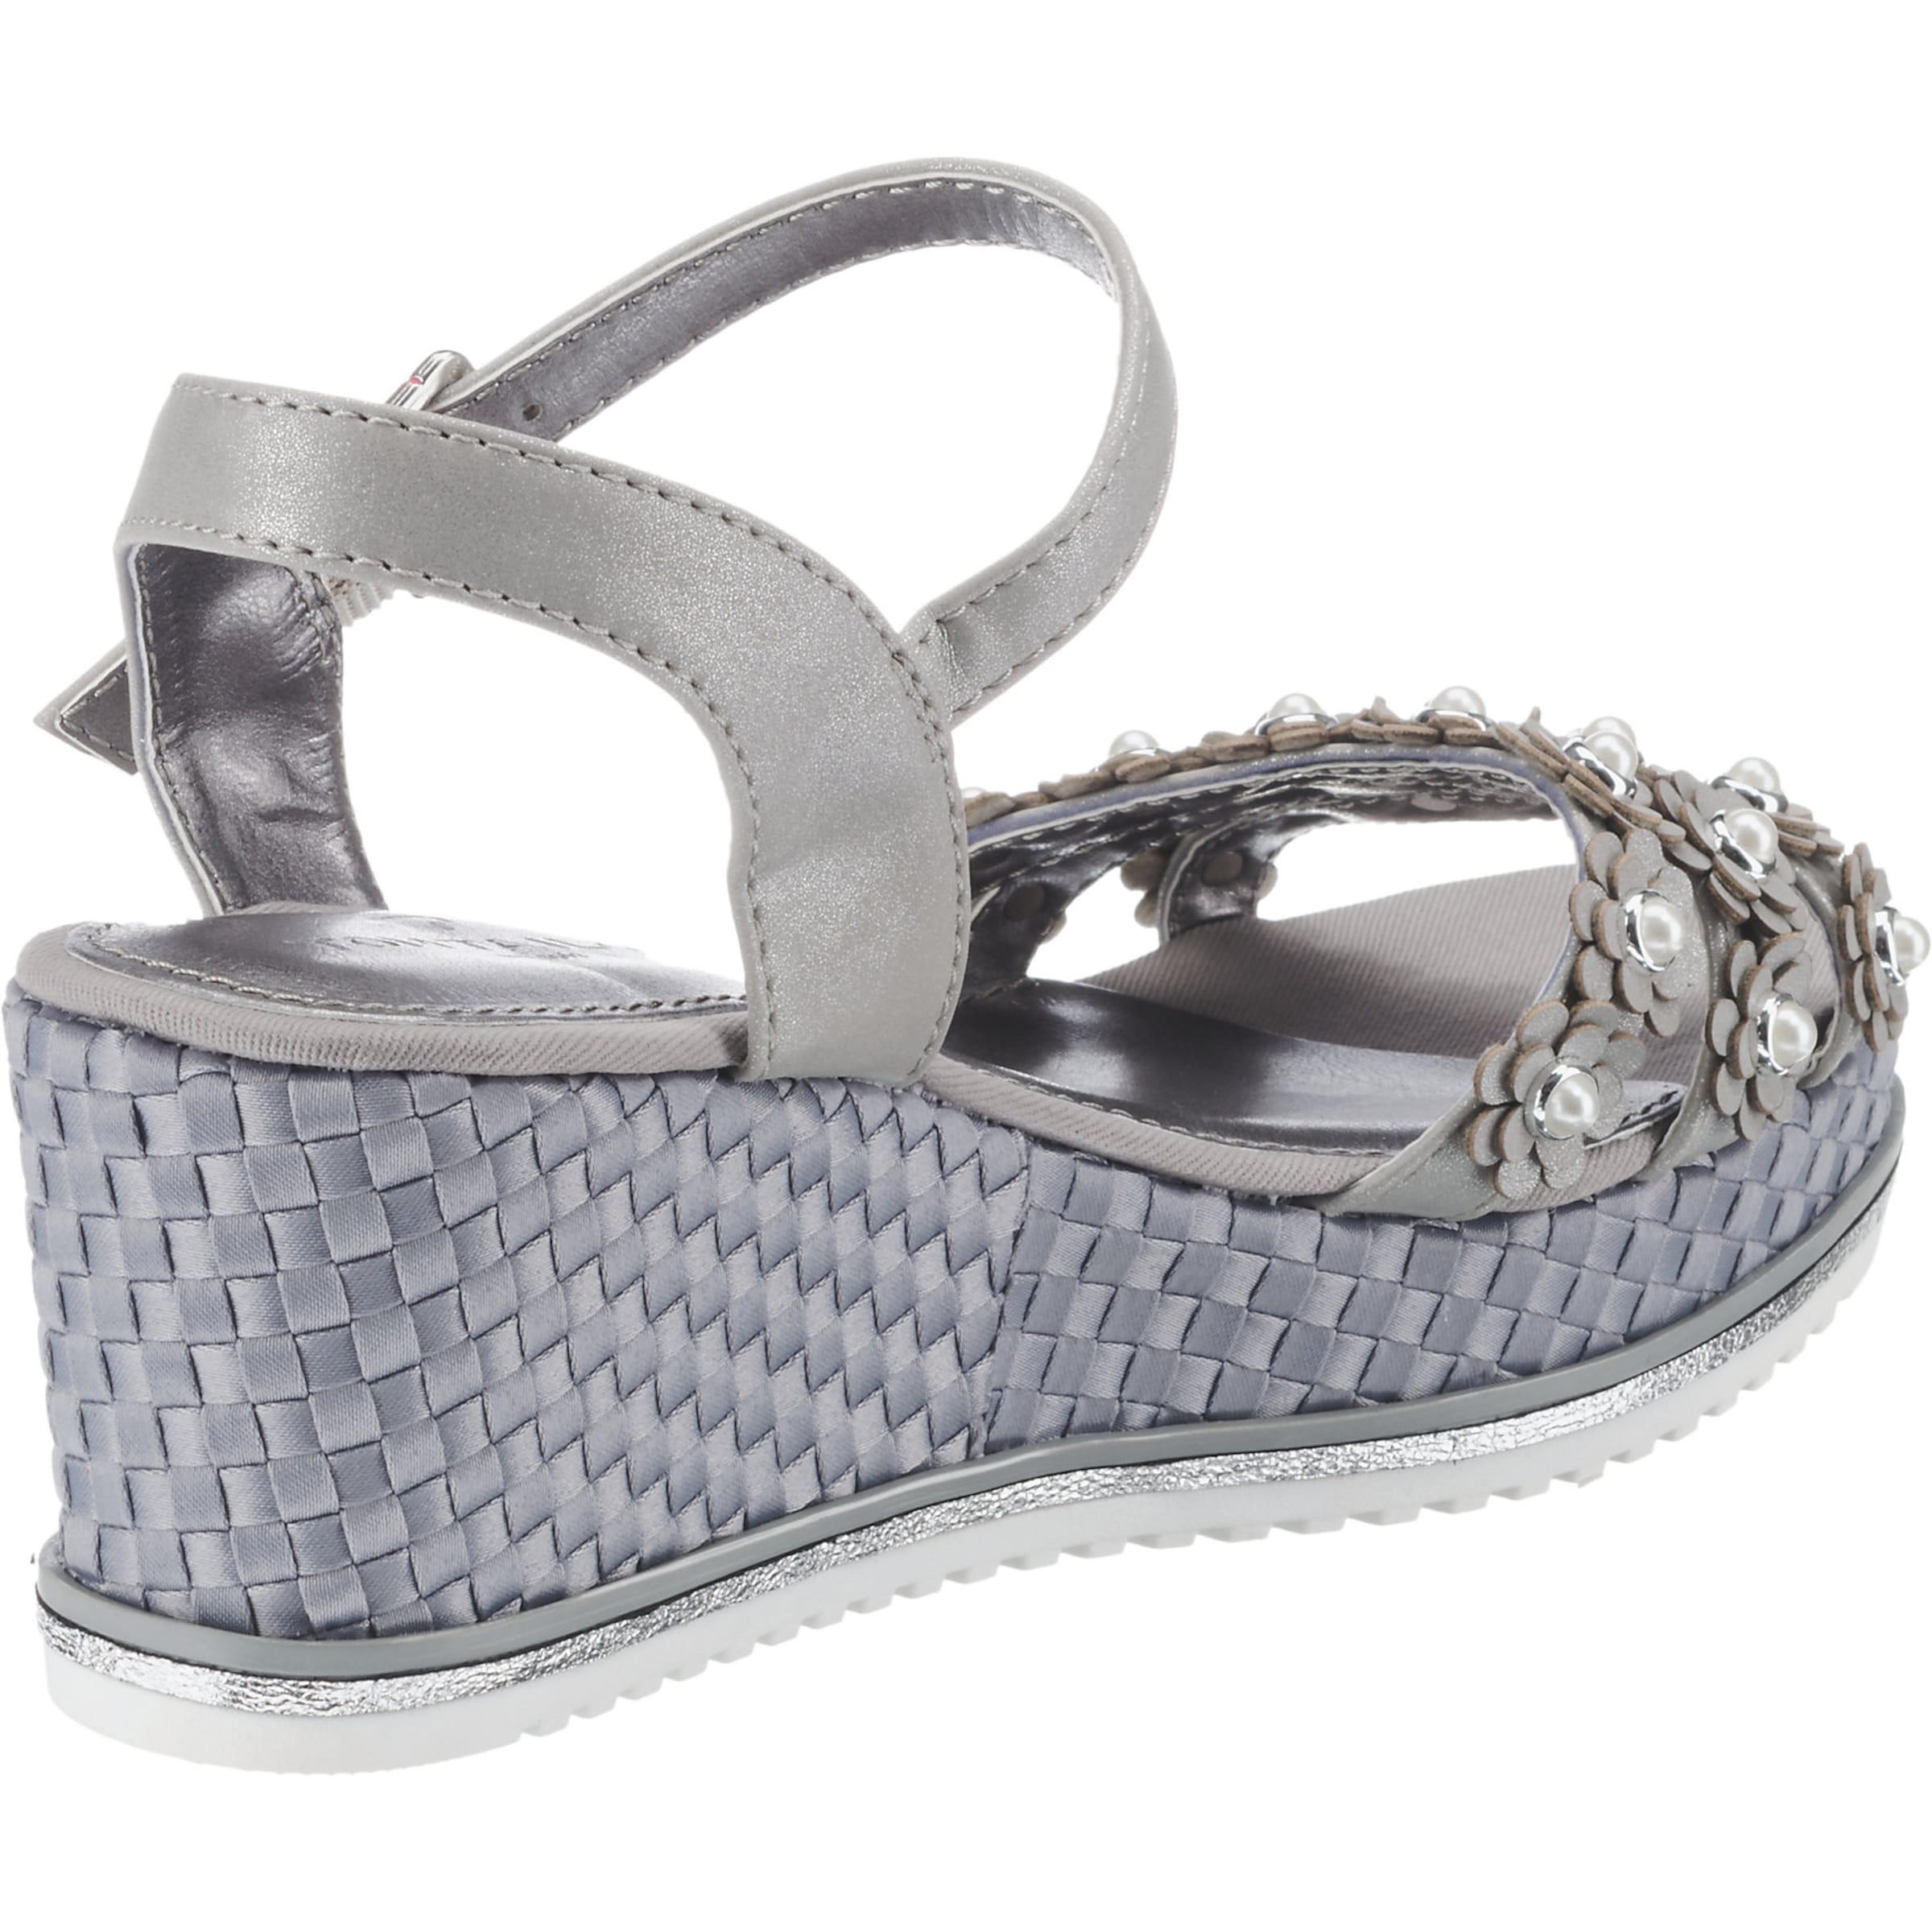 Tom Sandaletten Tom Tailor Silber Tailor Sandaletten In Silber In UMpSqGzV